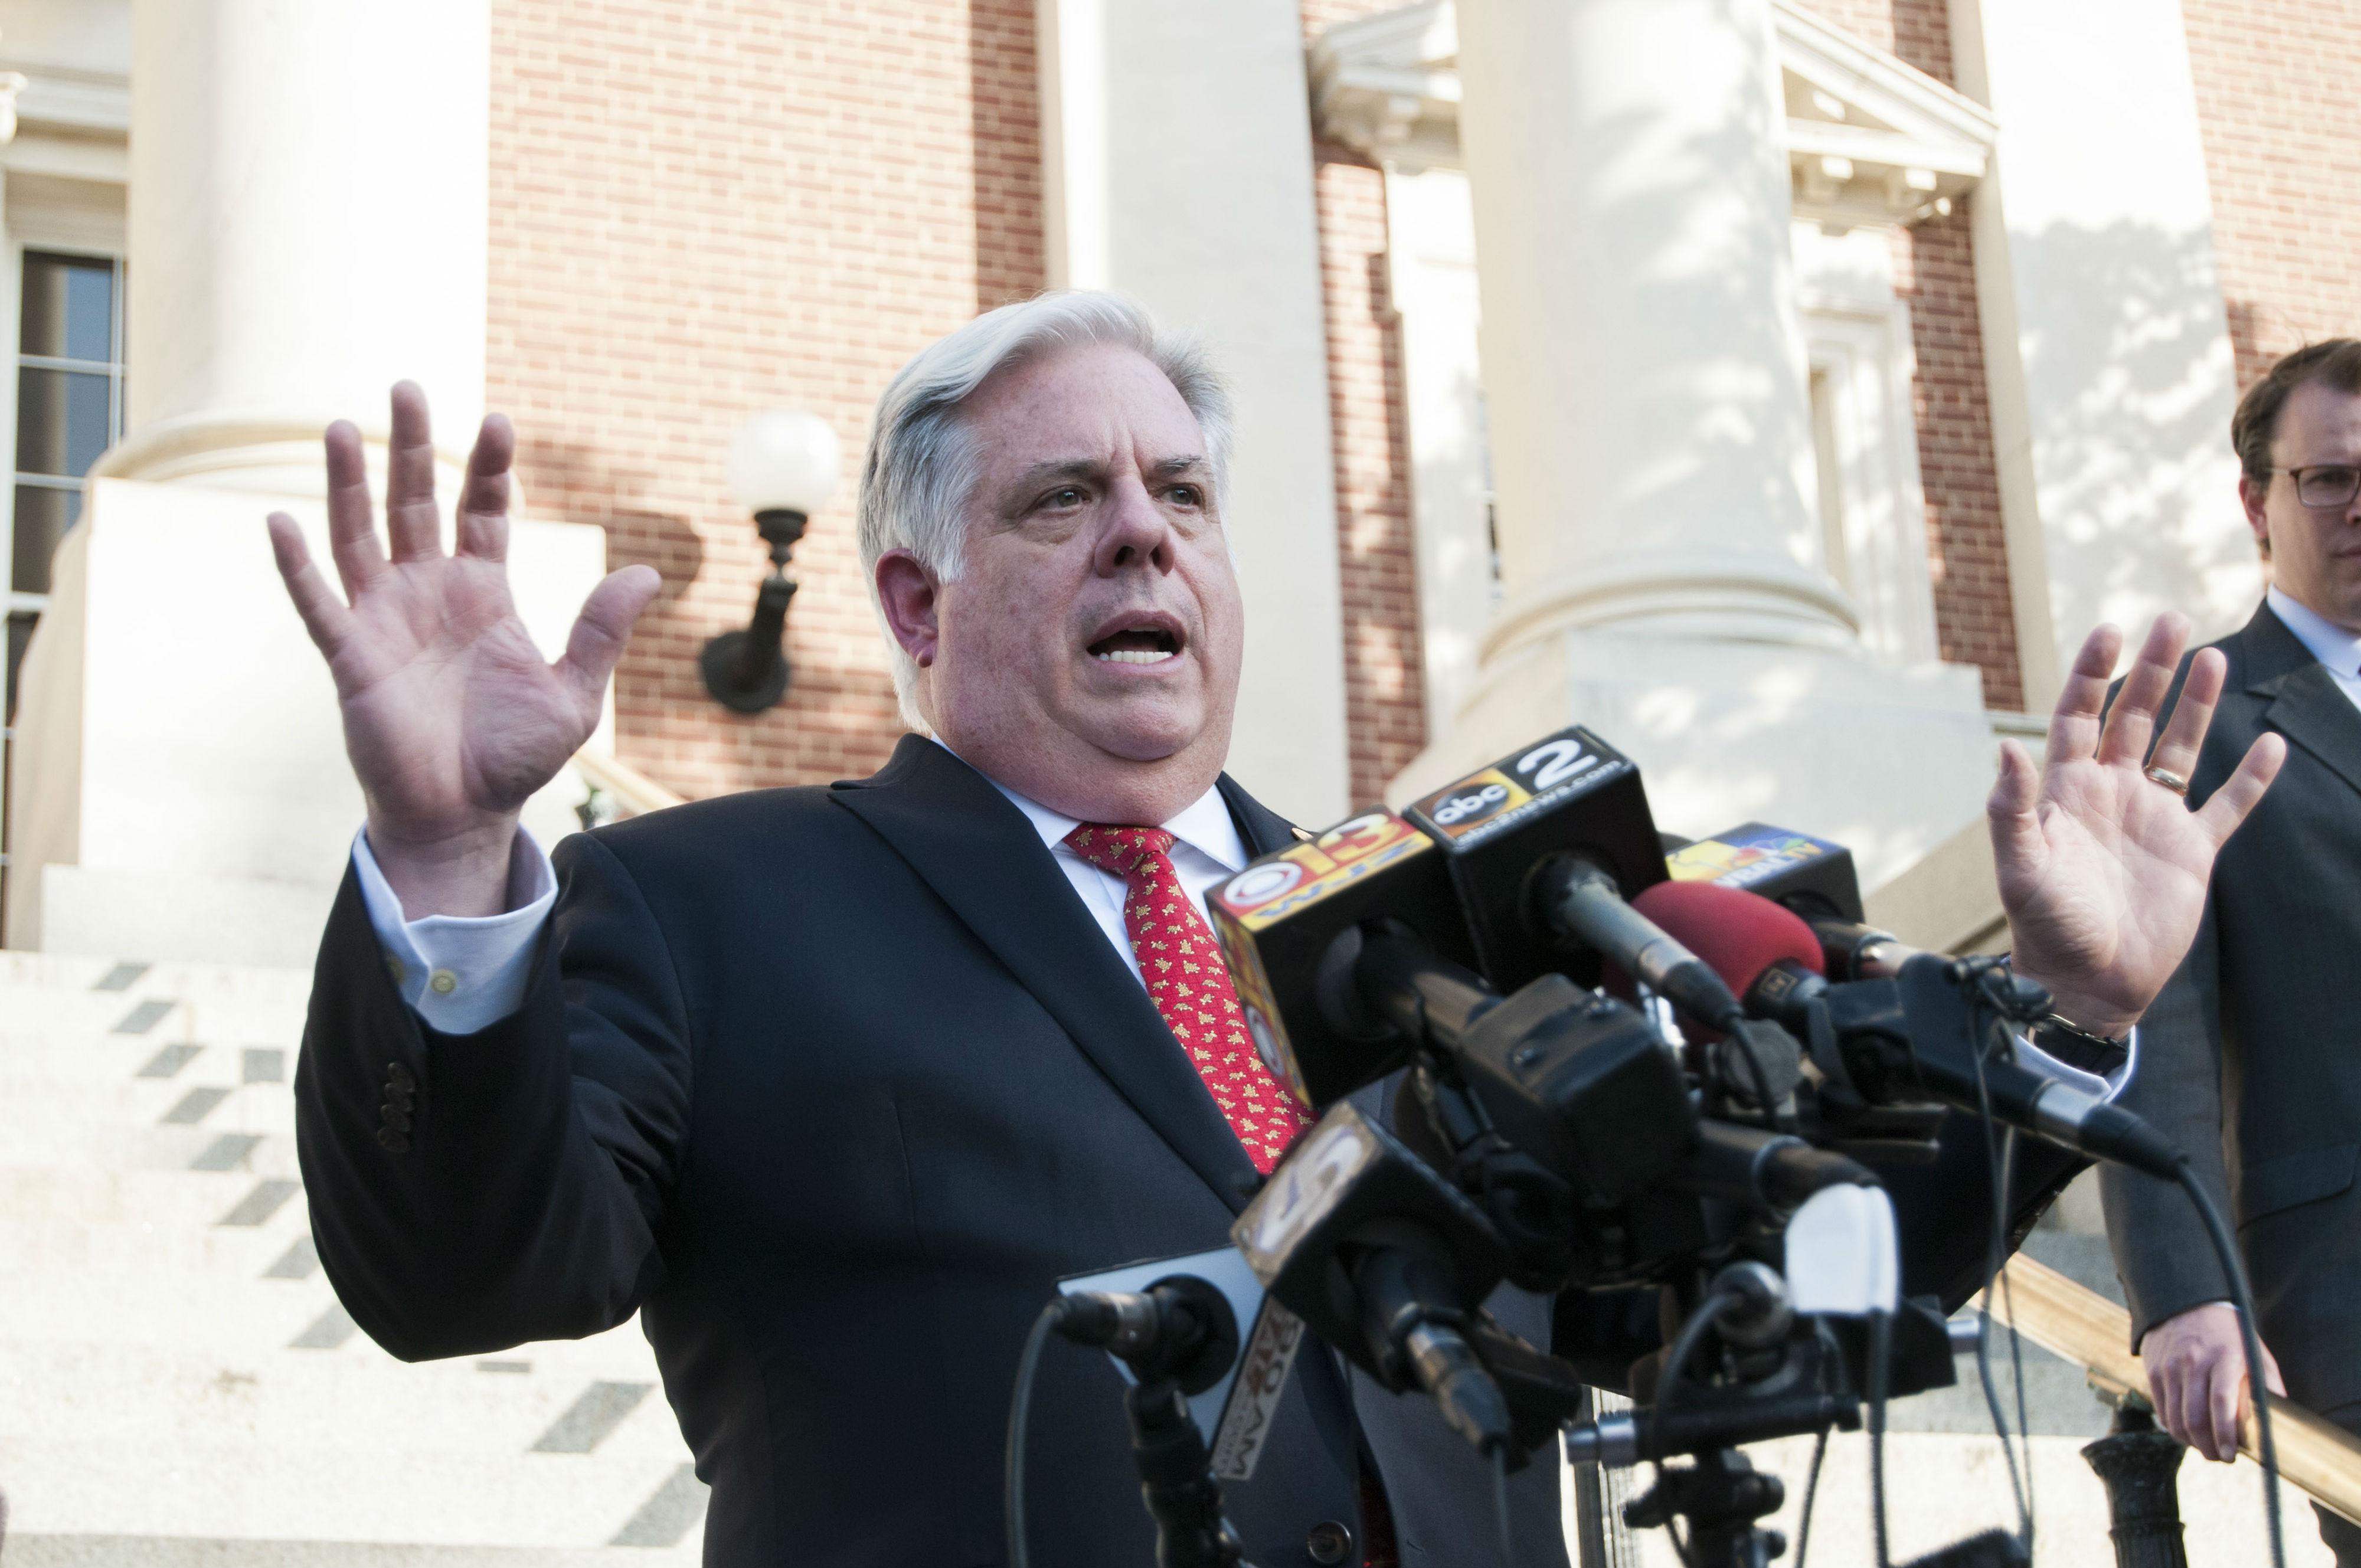 Hogan and legislators veered close, but wound up far apart